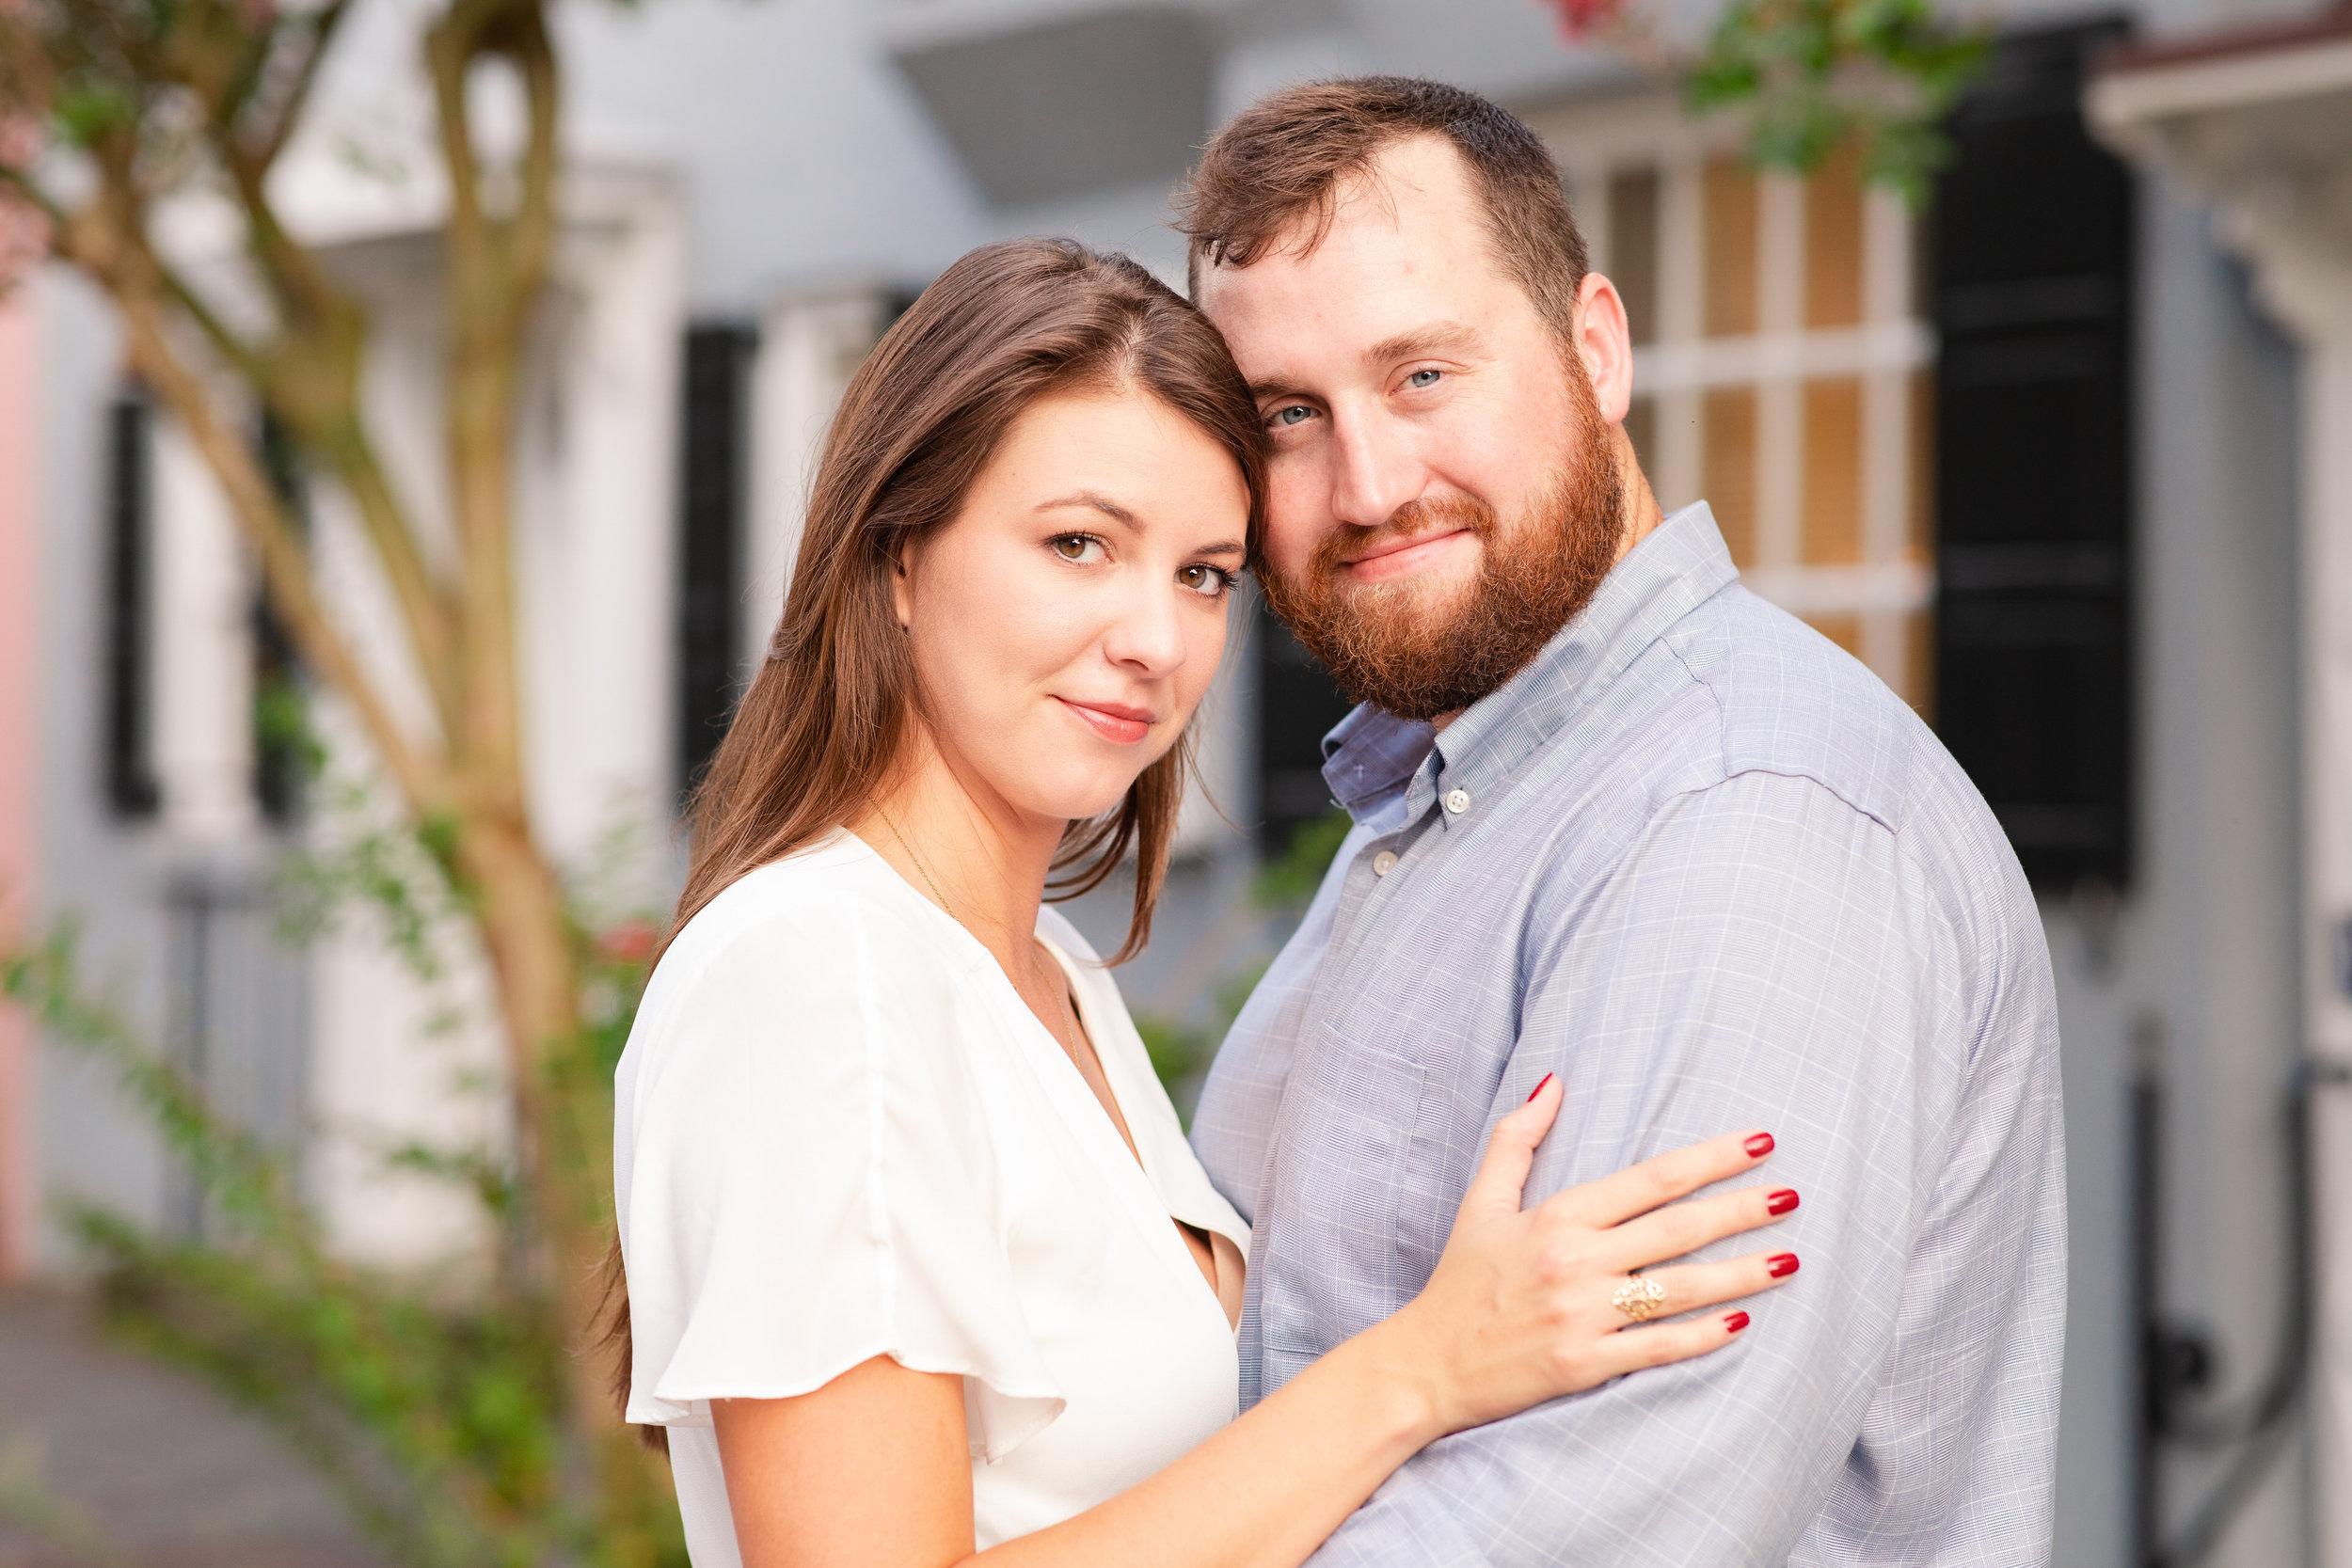 Charleston South Carolina Engagement Session Charleston Wedding Photographer Photo_8822.JPG